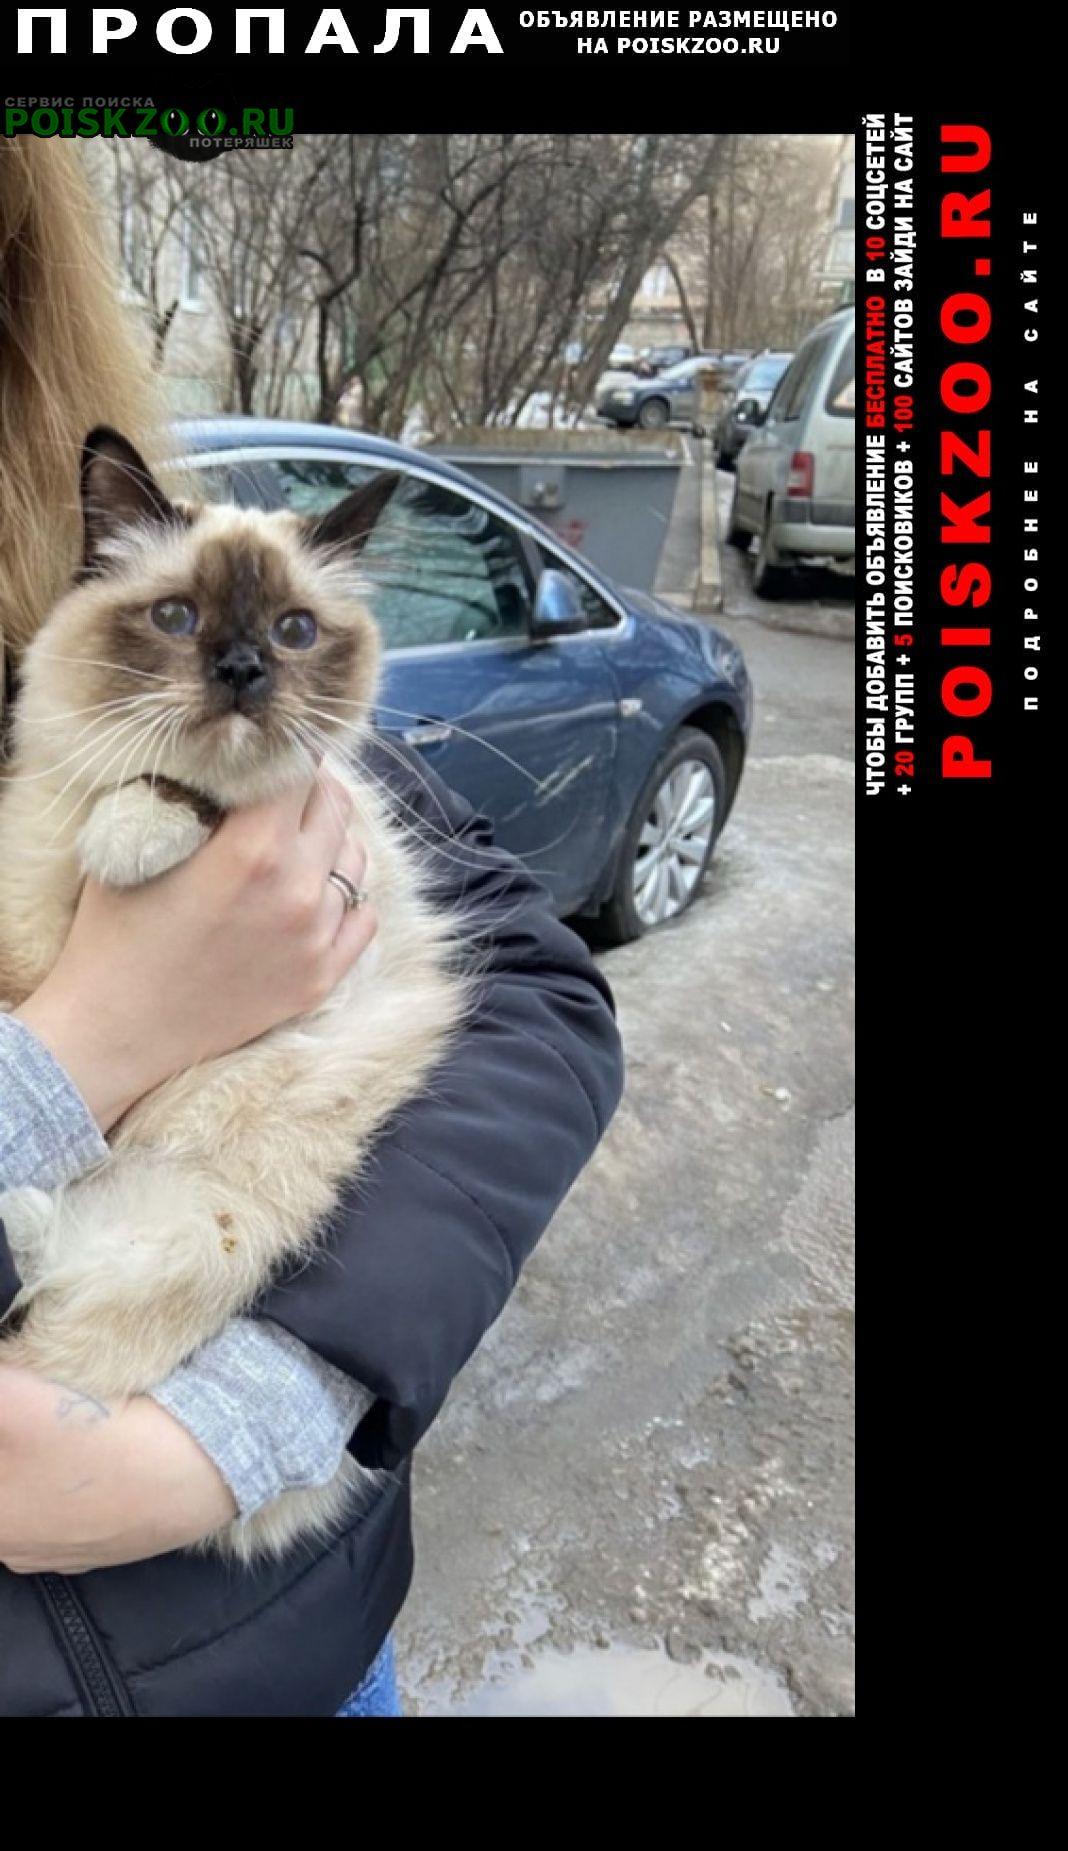 Пропала кошка Жуковский